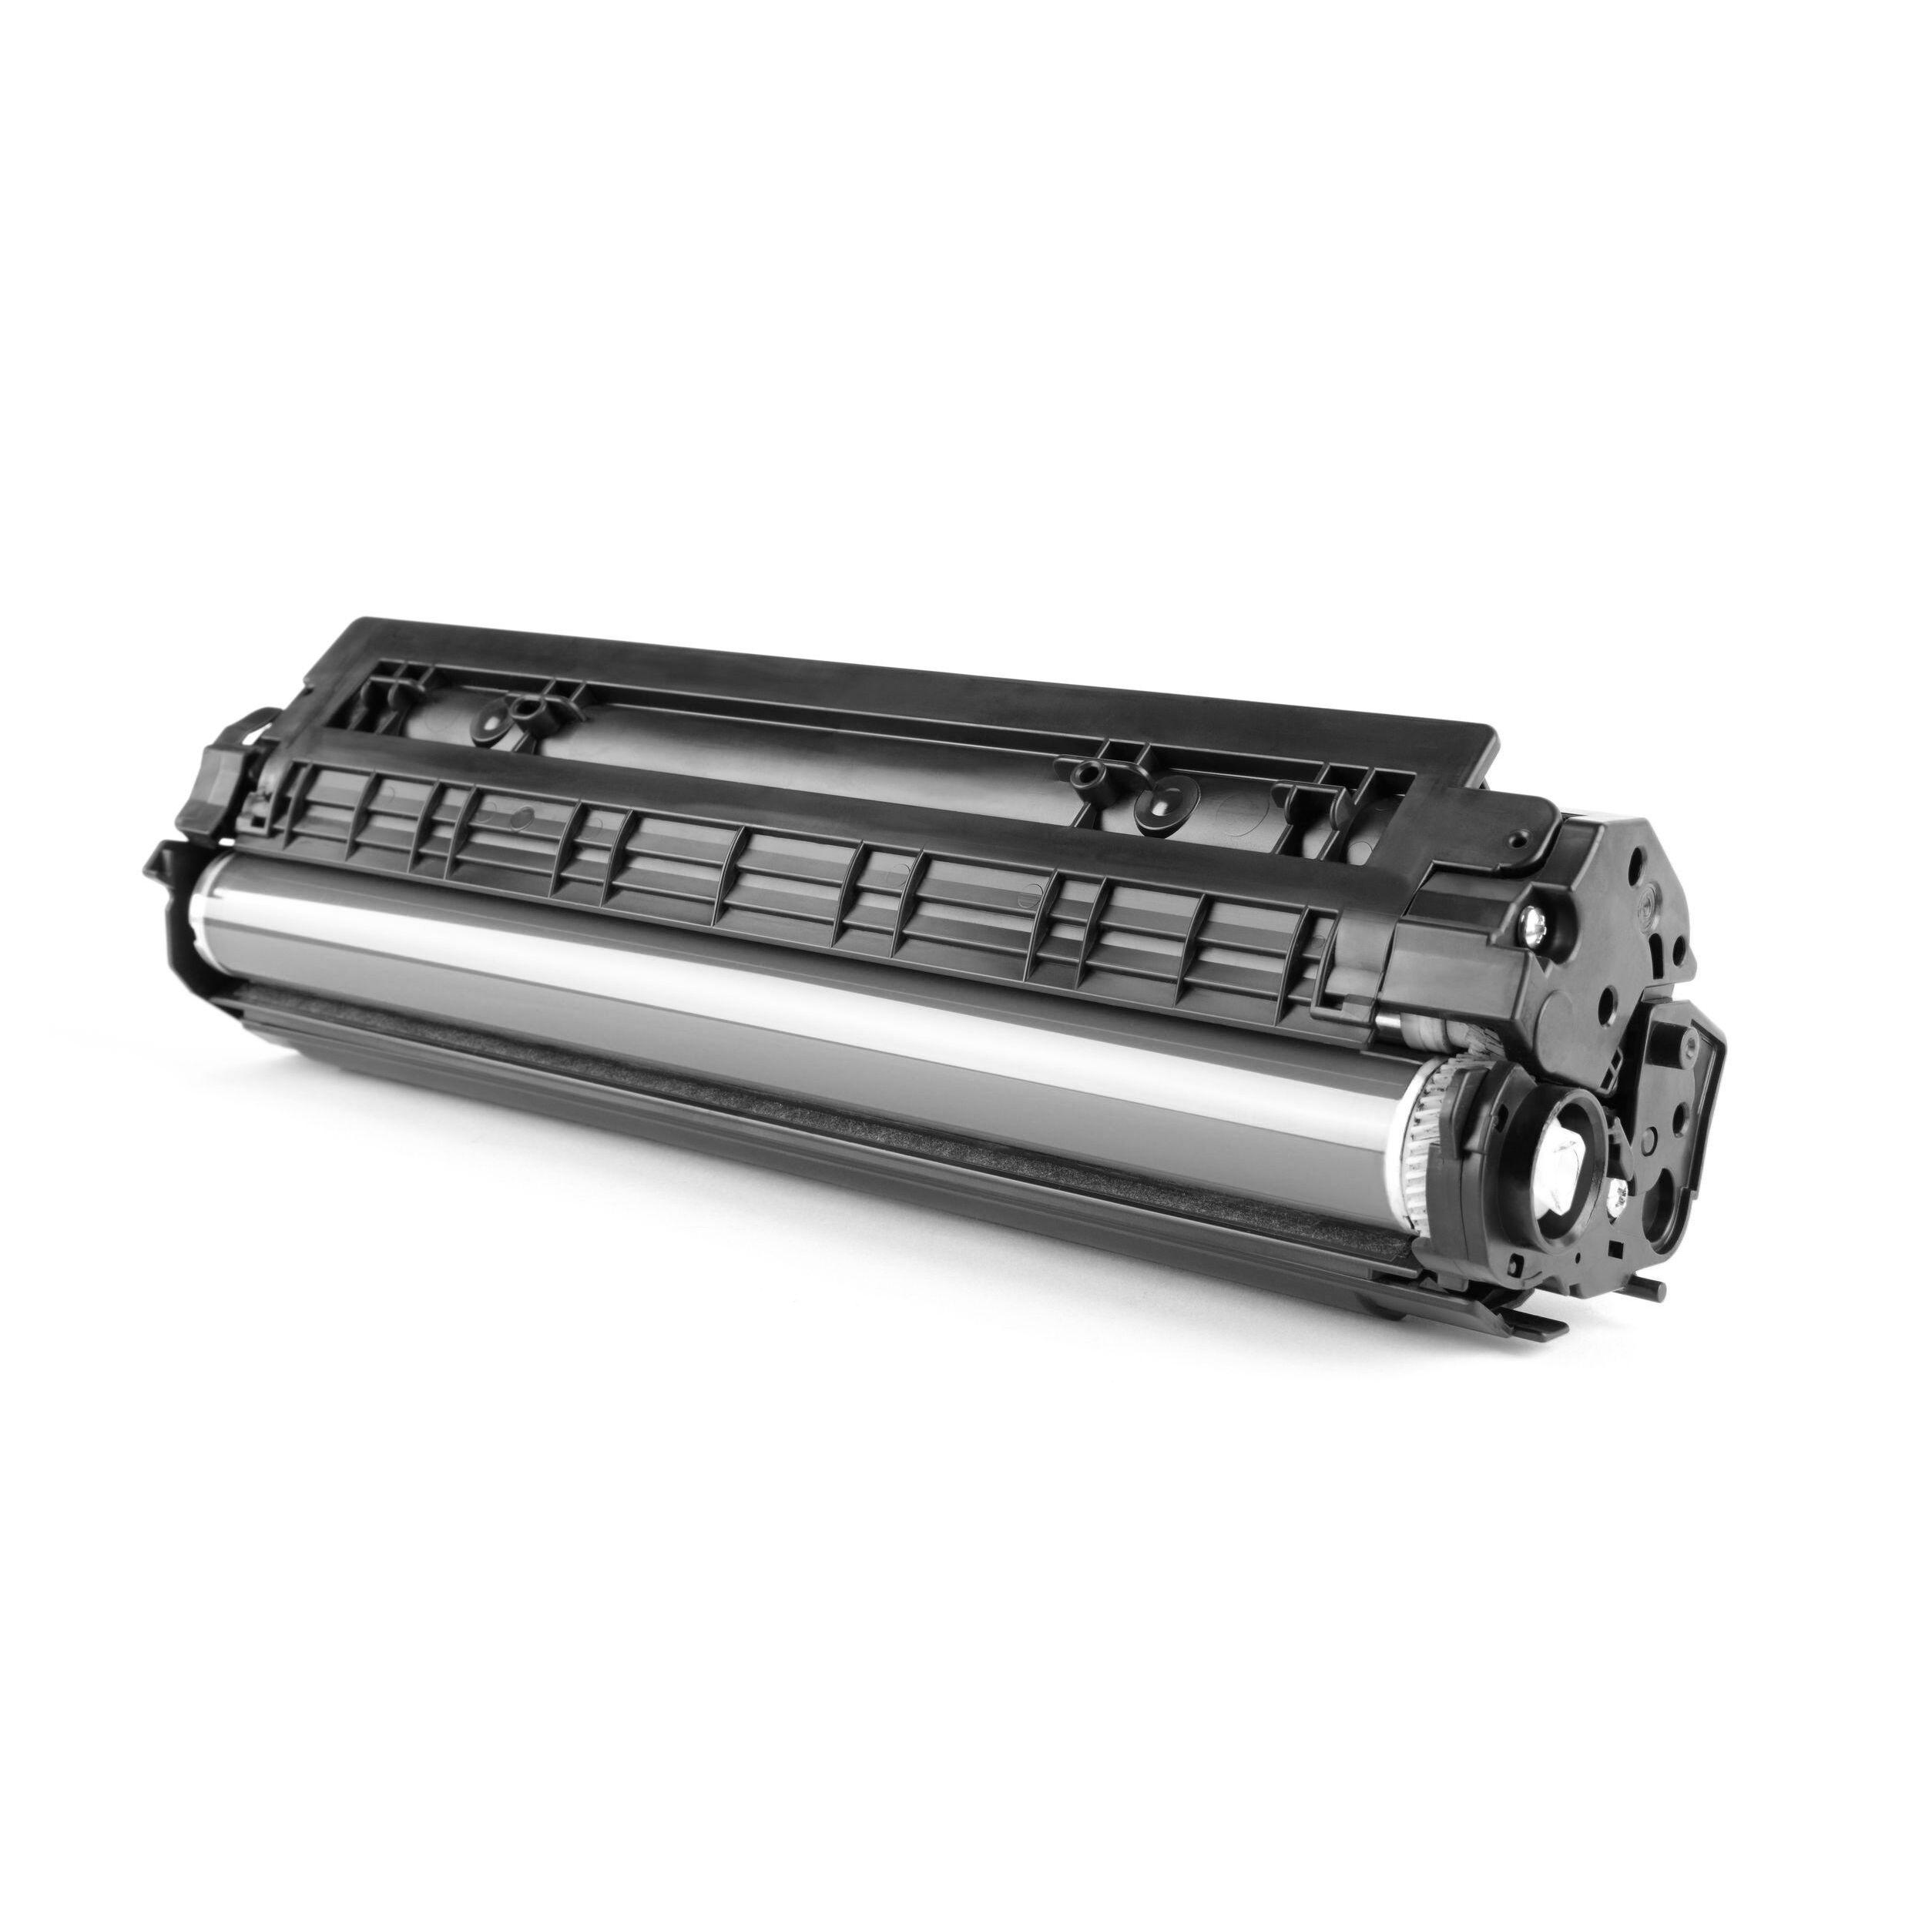 Brother HSE-211 Druckerzubehör schwarz white original - passend für Brother P-Touch H 500 Series